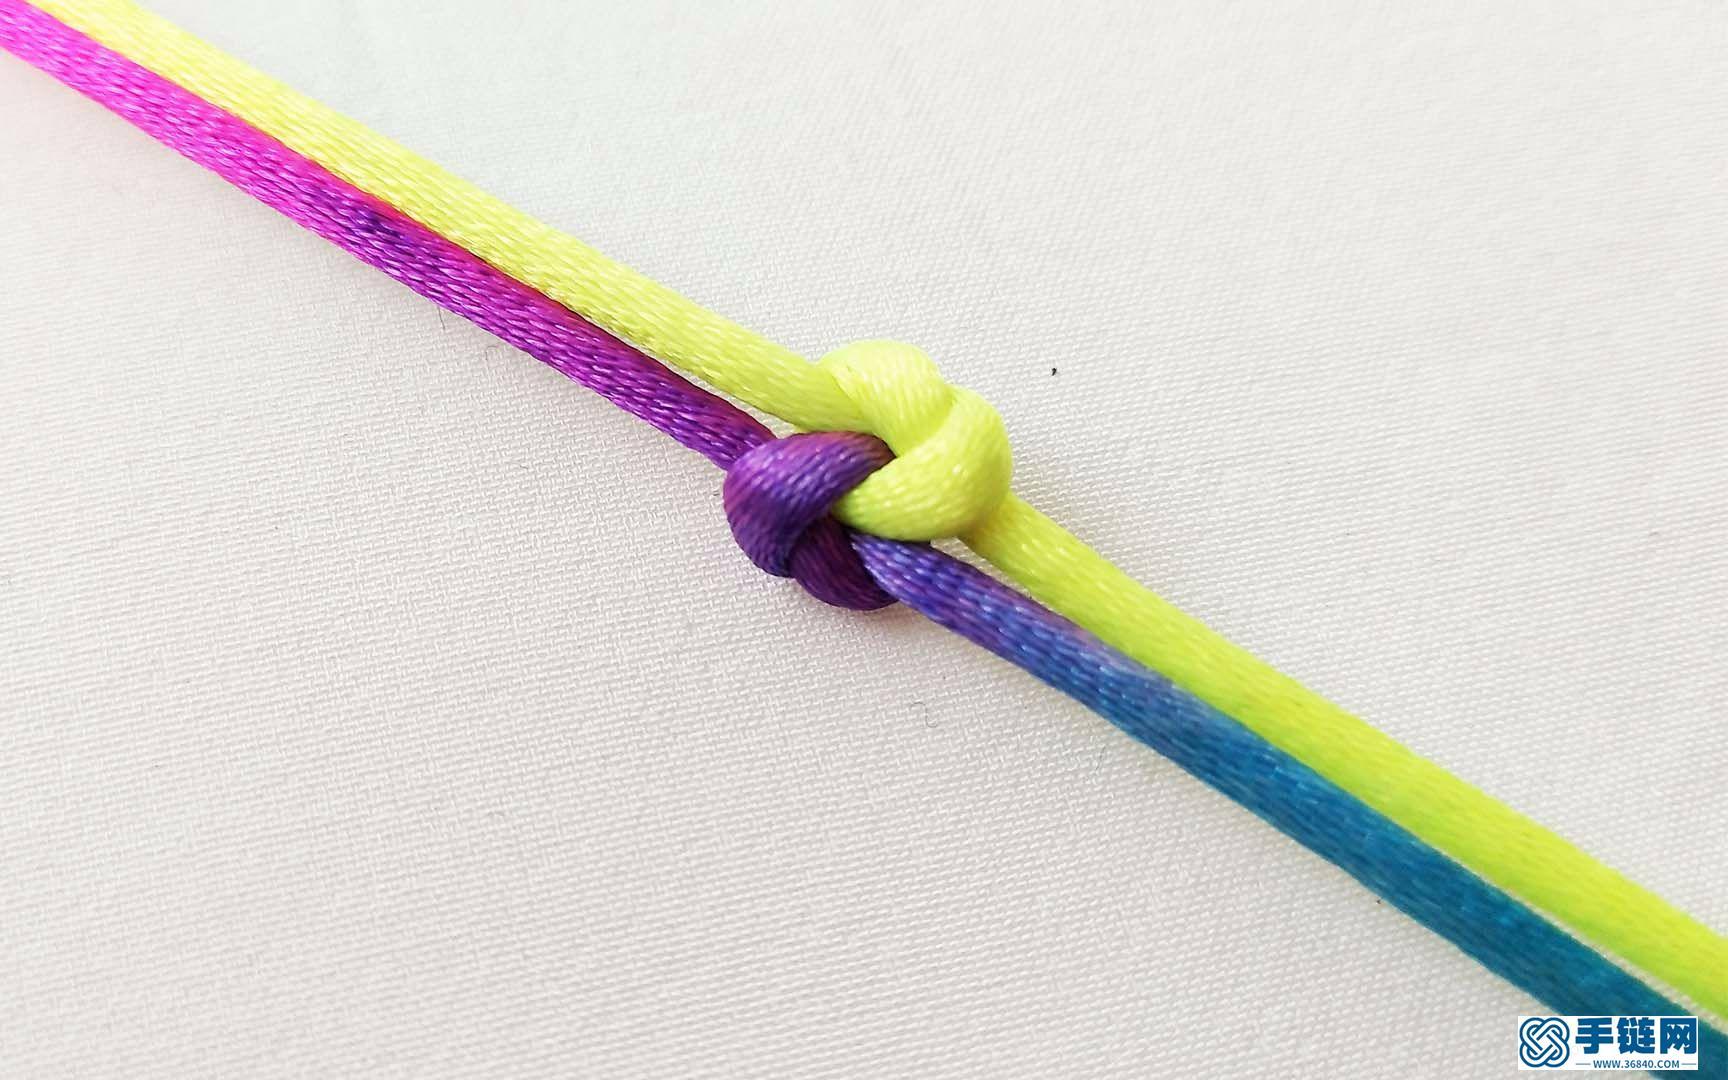 超简单同心结红绳编法技巧, 学会你也能编出漂亮的手链